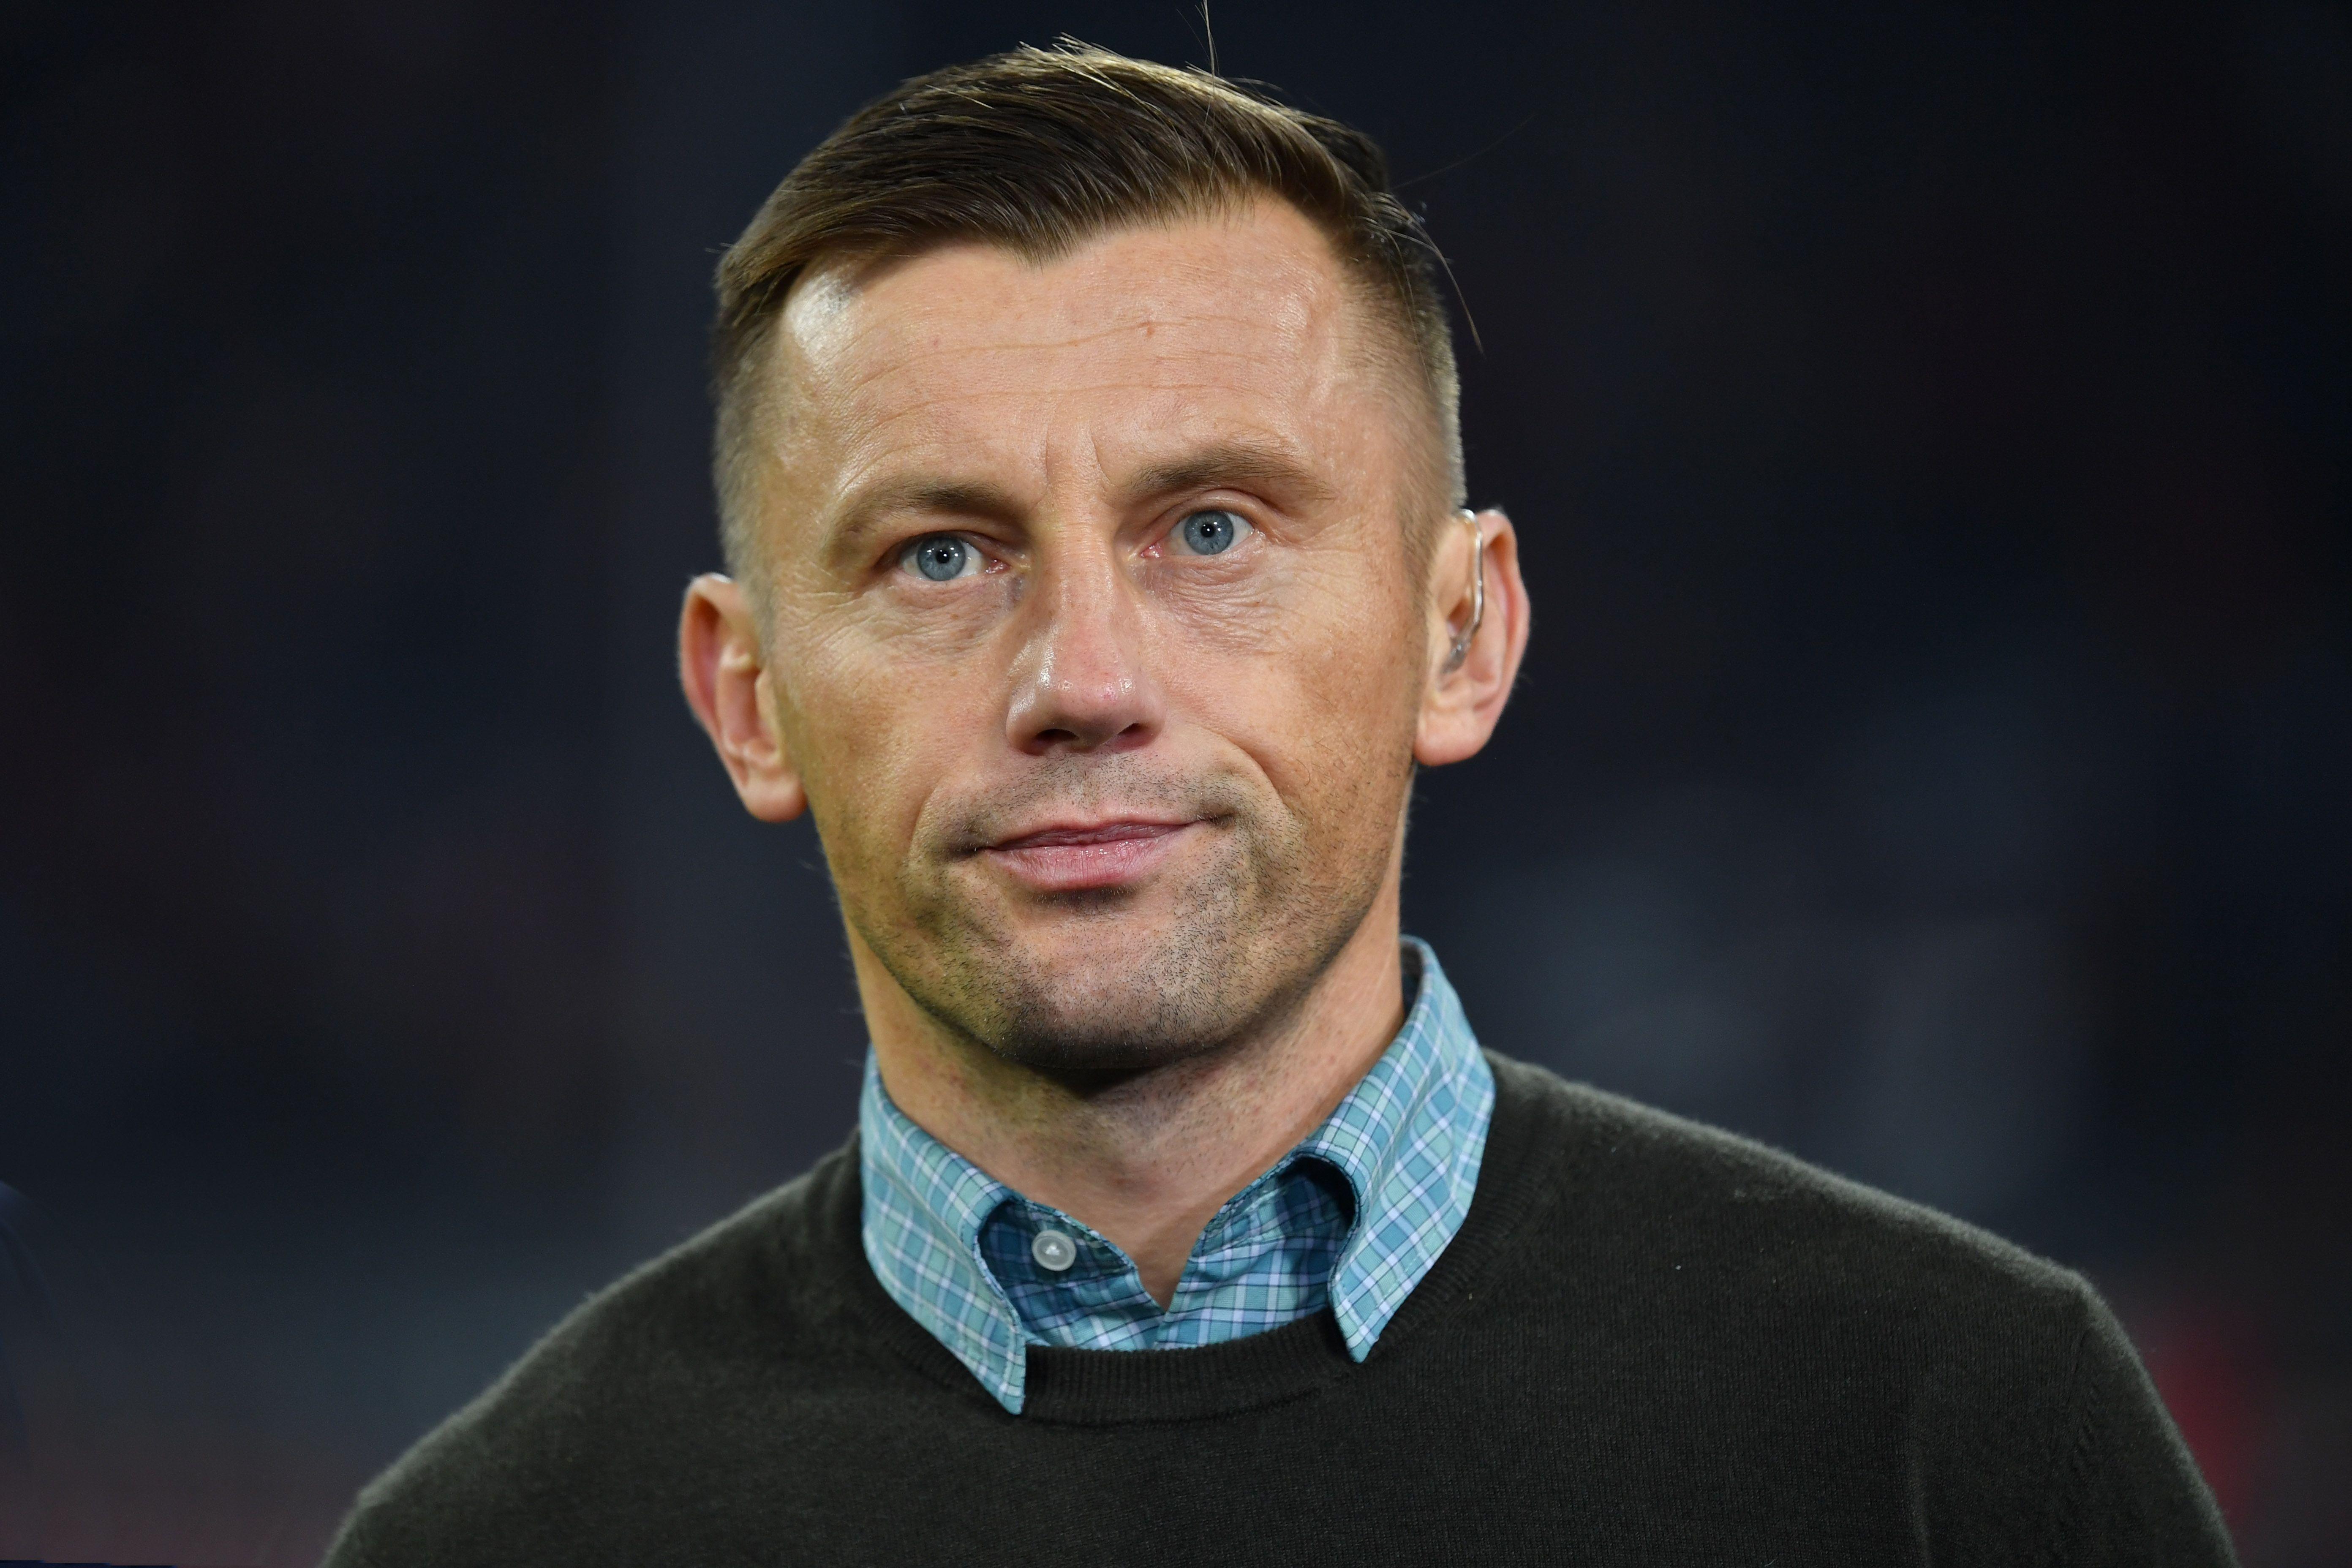 Олич: 'Главное, чтобы вернулся ЦСКА, которого ждут все болельщики'